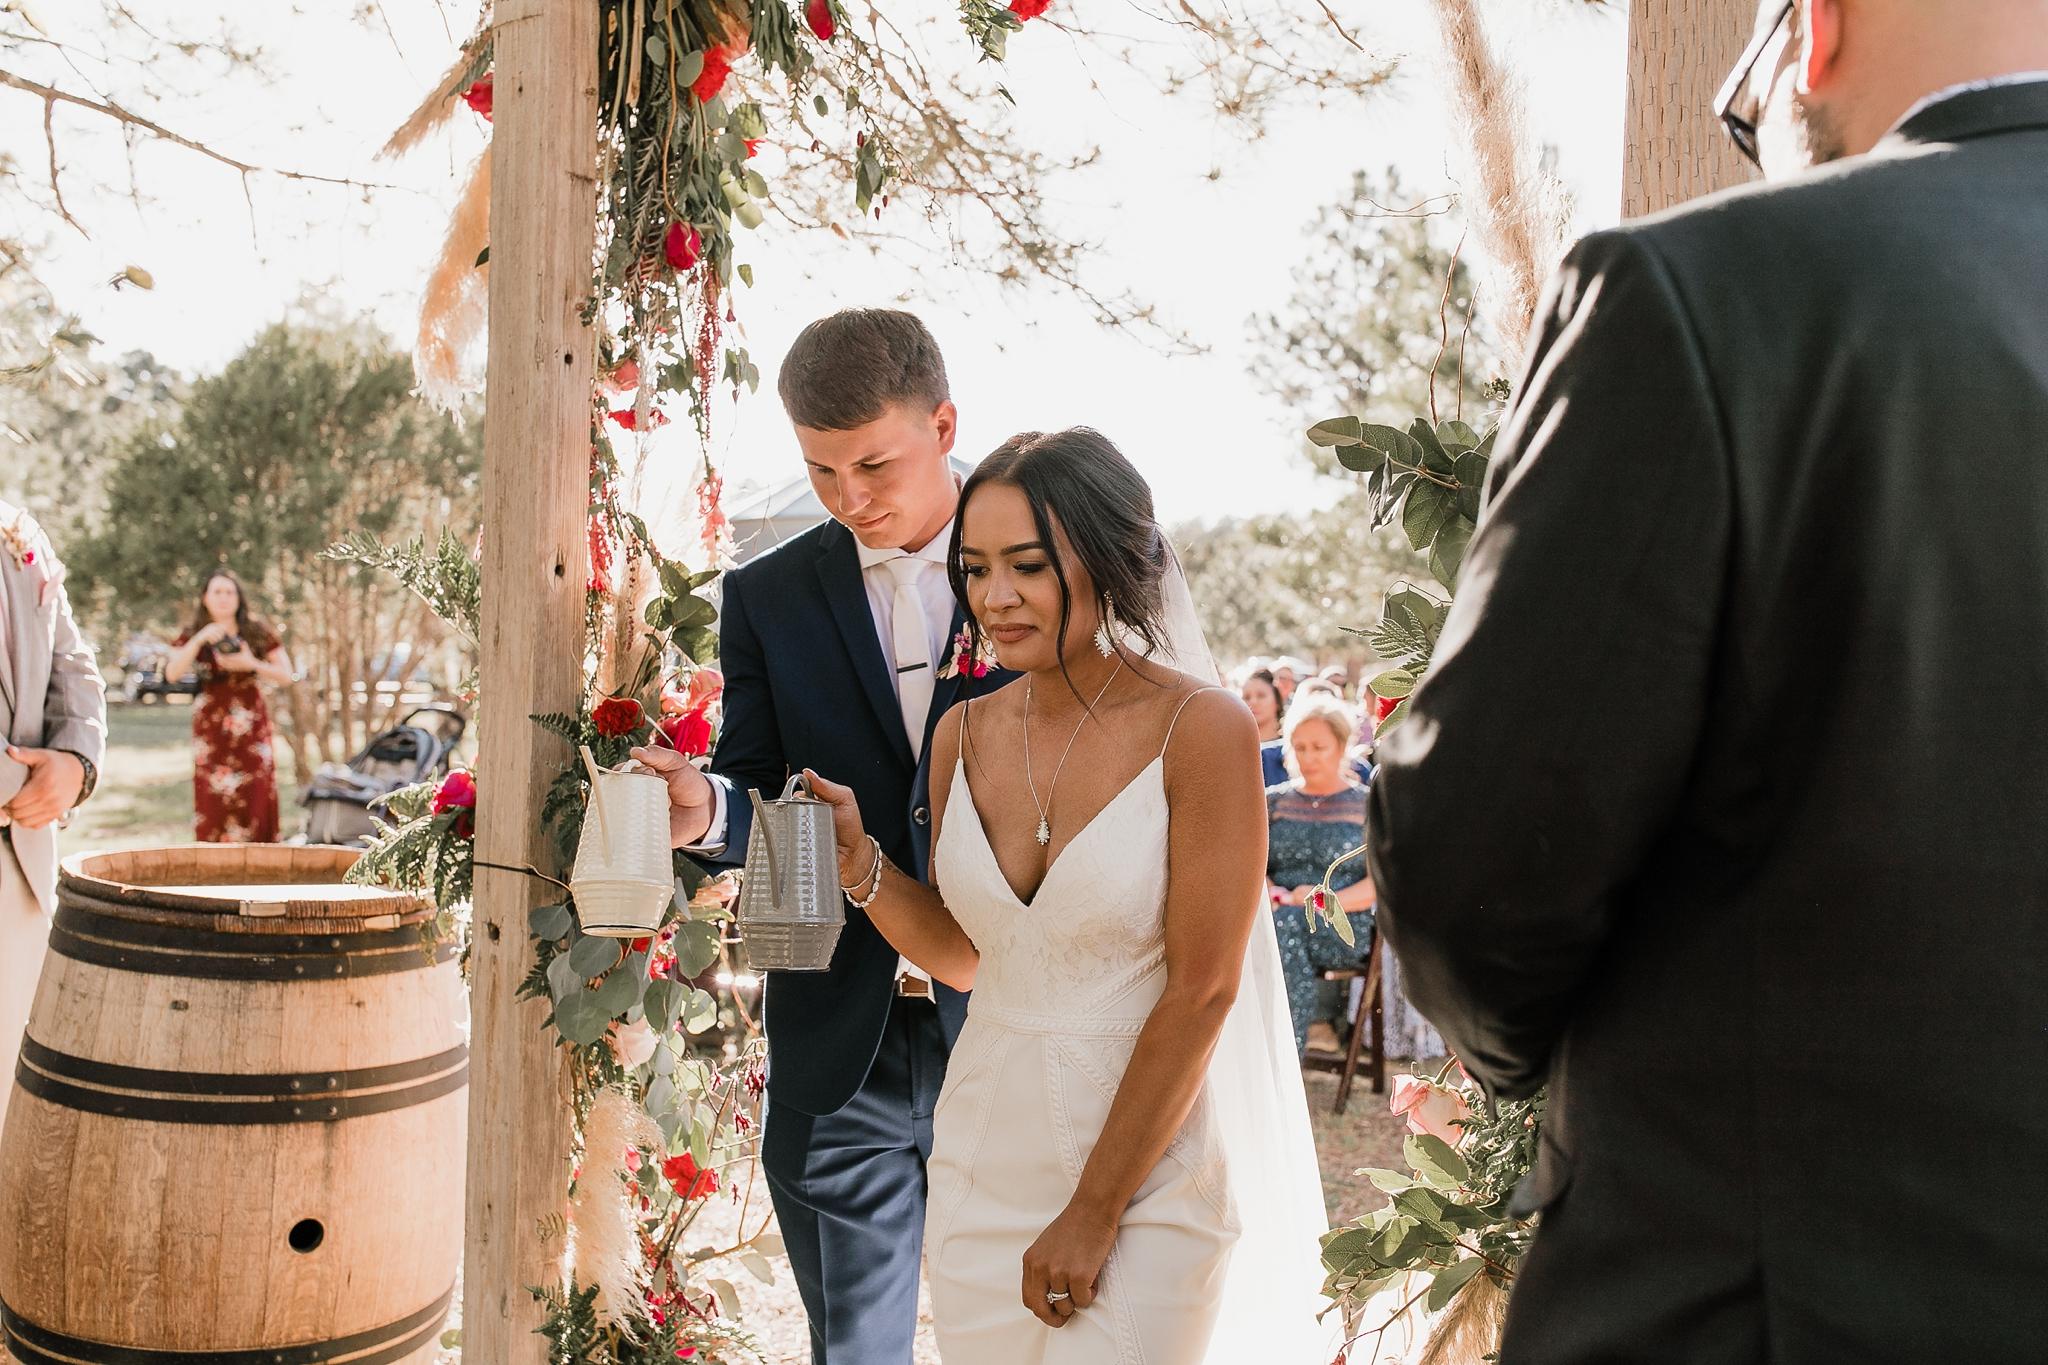 Alicia+lucia+photography+-+albuquerque+wedding+photographer+-+santa+fe+wedding+photography+-+new+mexico+wedding+photographer+-+new+mexico+wedding+-+new+mexico+wedding+-+barn+wedding+-+enchanted+vine+barn+wedding+-+ruidoso+wedding_0105.jpg